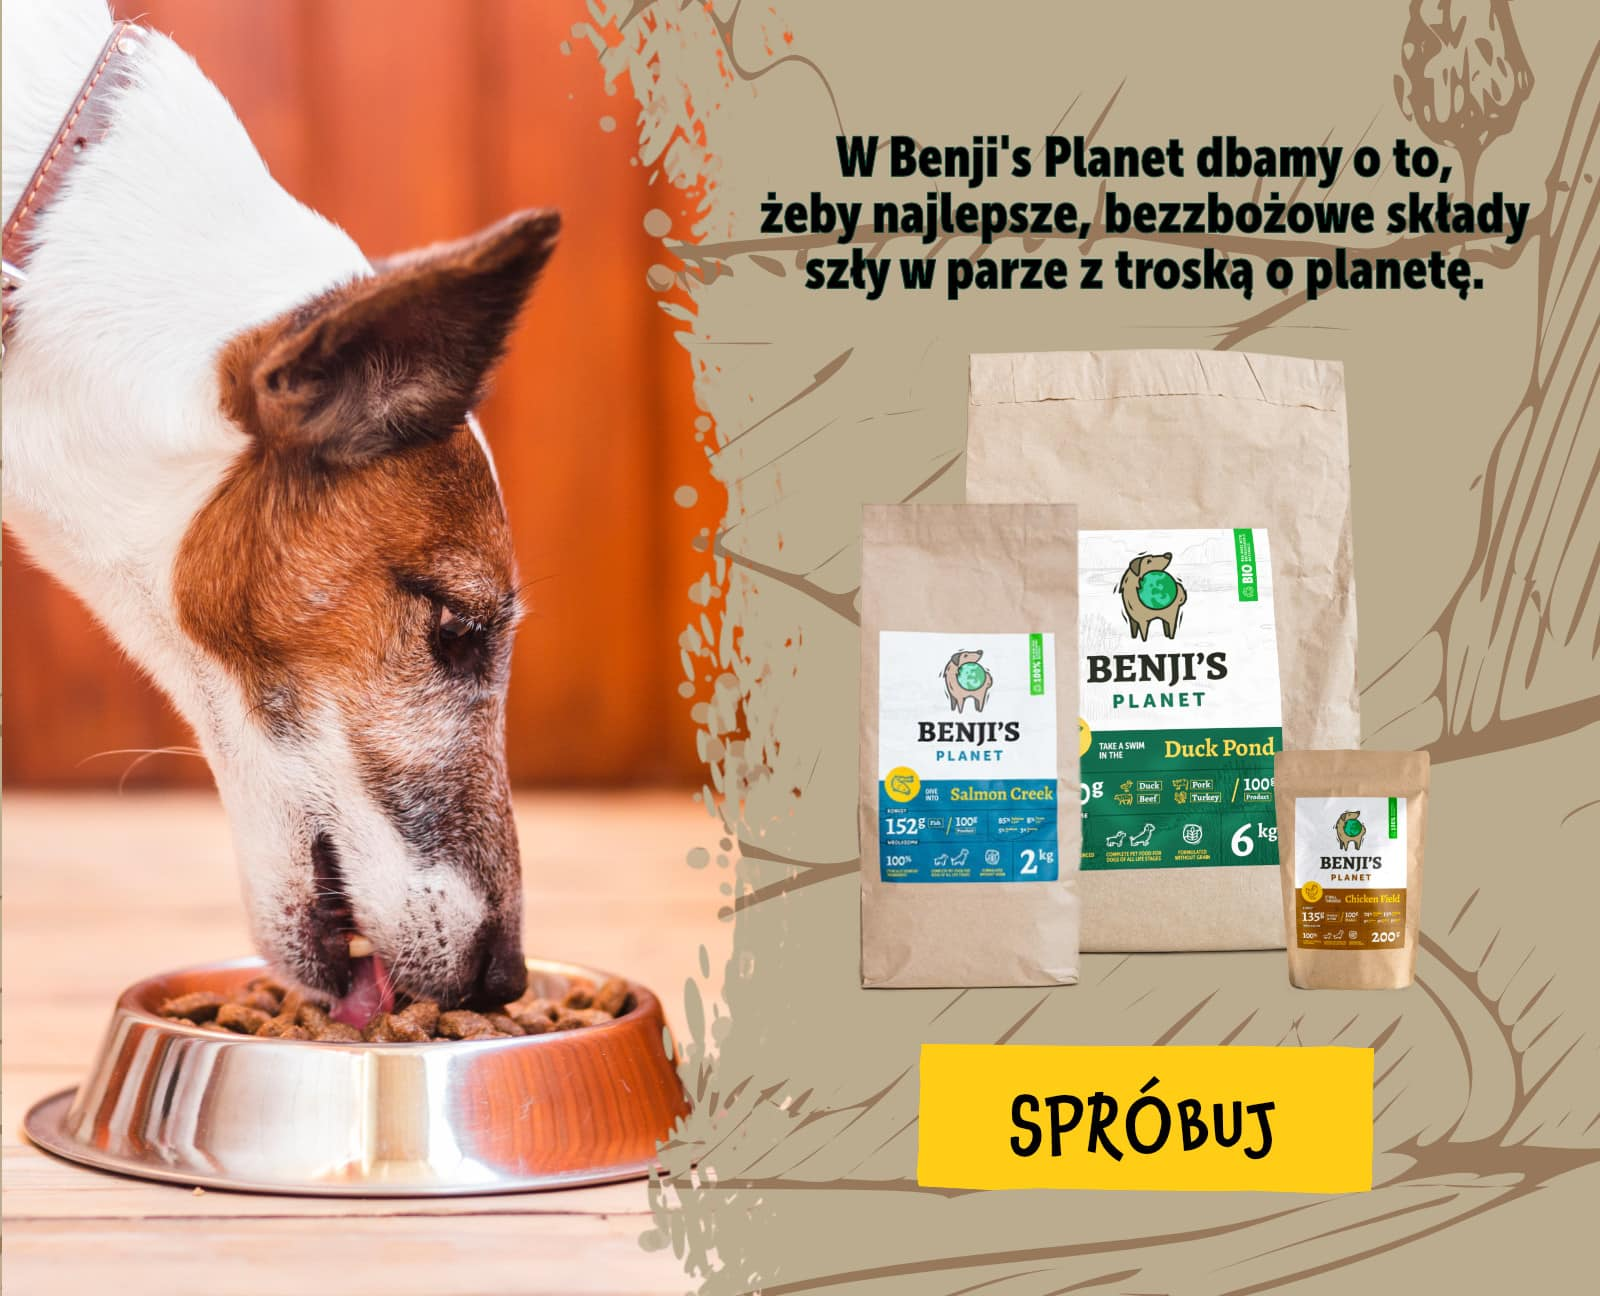 Suche karmy bezzbożowe dla psów Benji's Planet